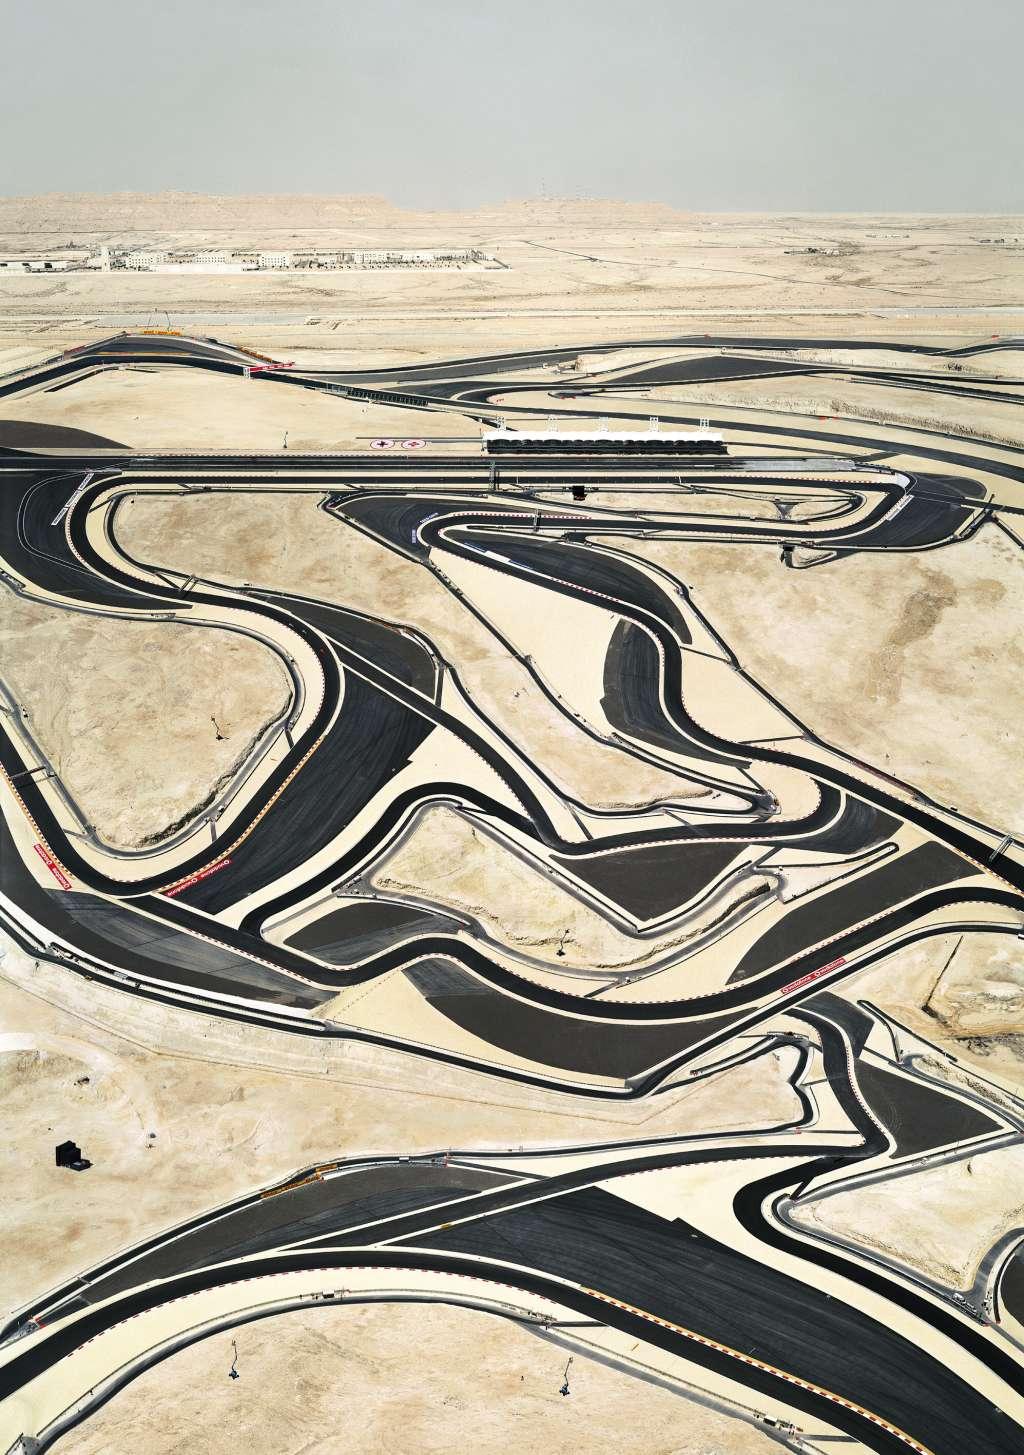 ANDREAS GURSKY  Bahrain